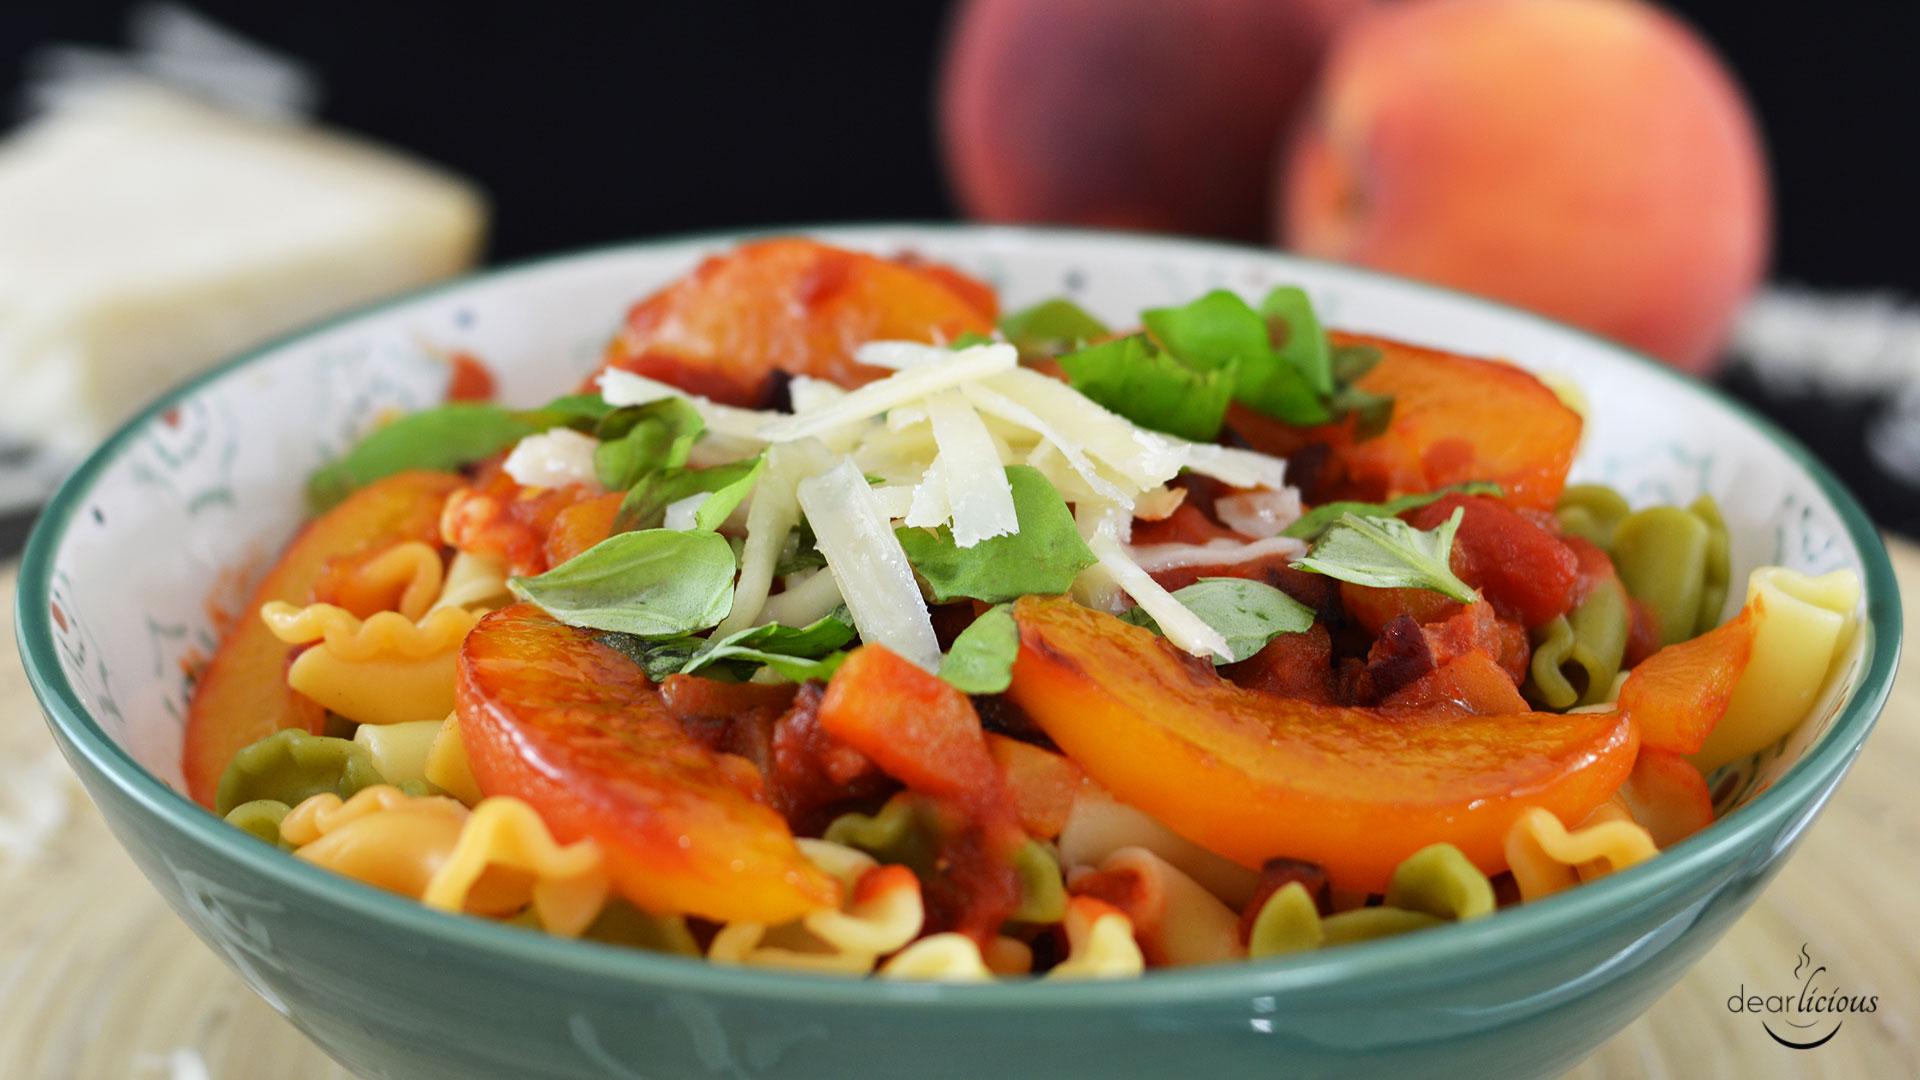 Nudeln mit fruchtiger Tomatensoße und karamellisierten Pfirsichen   www.dearlicious.com